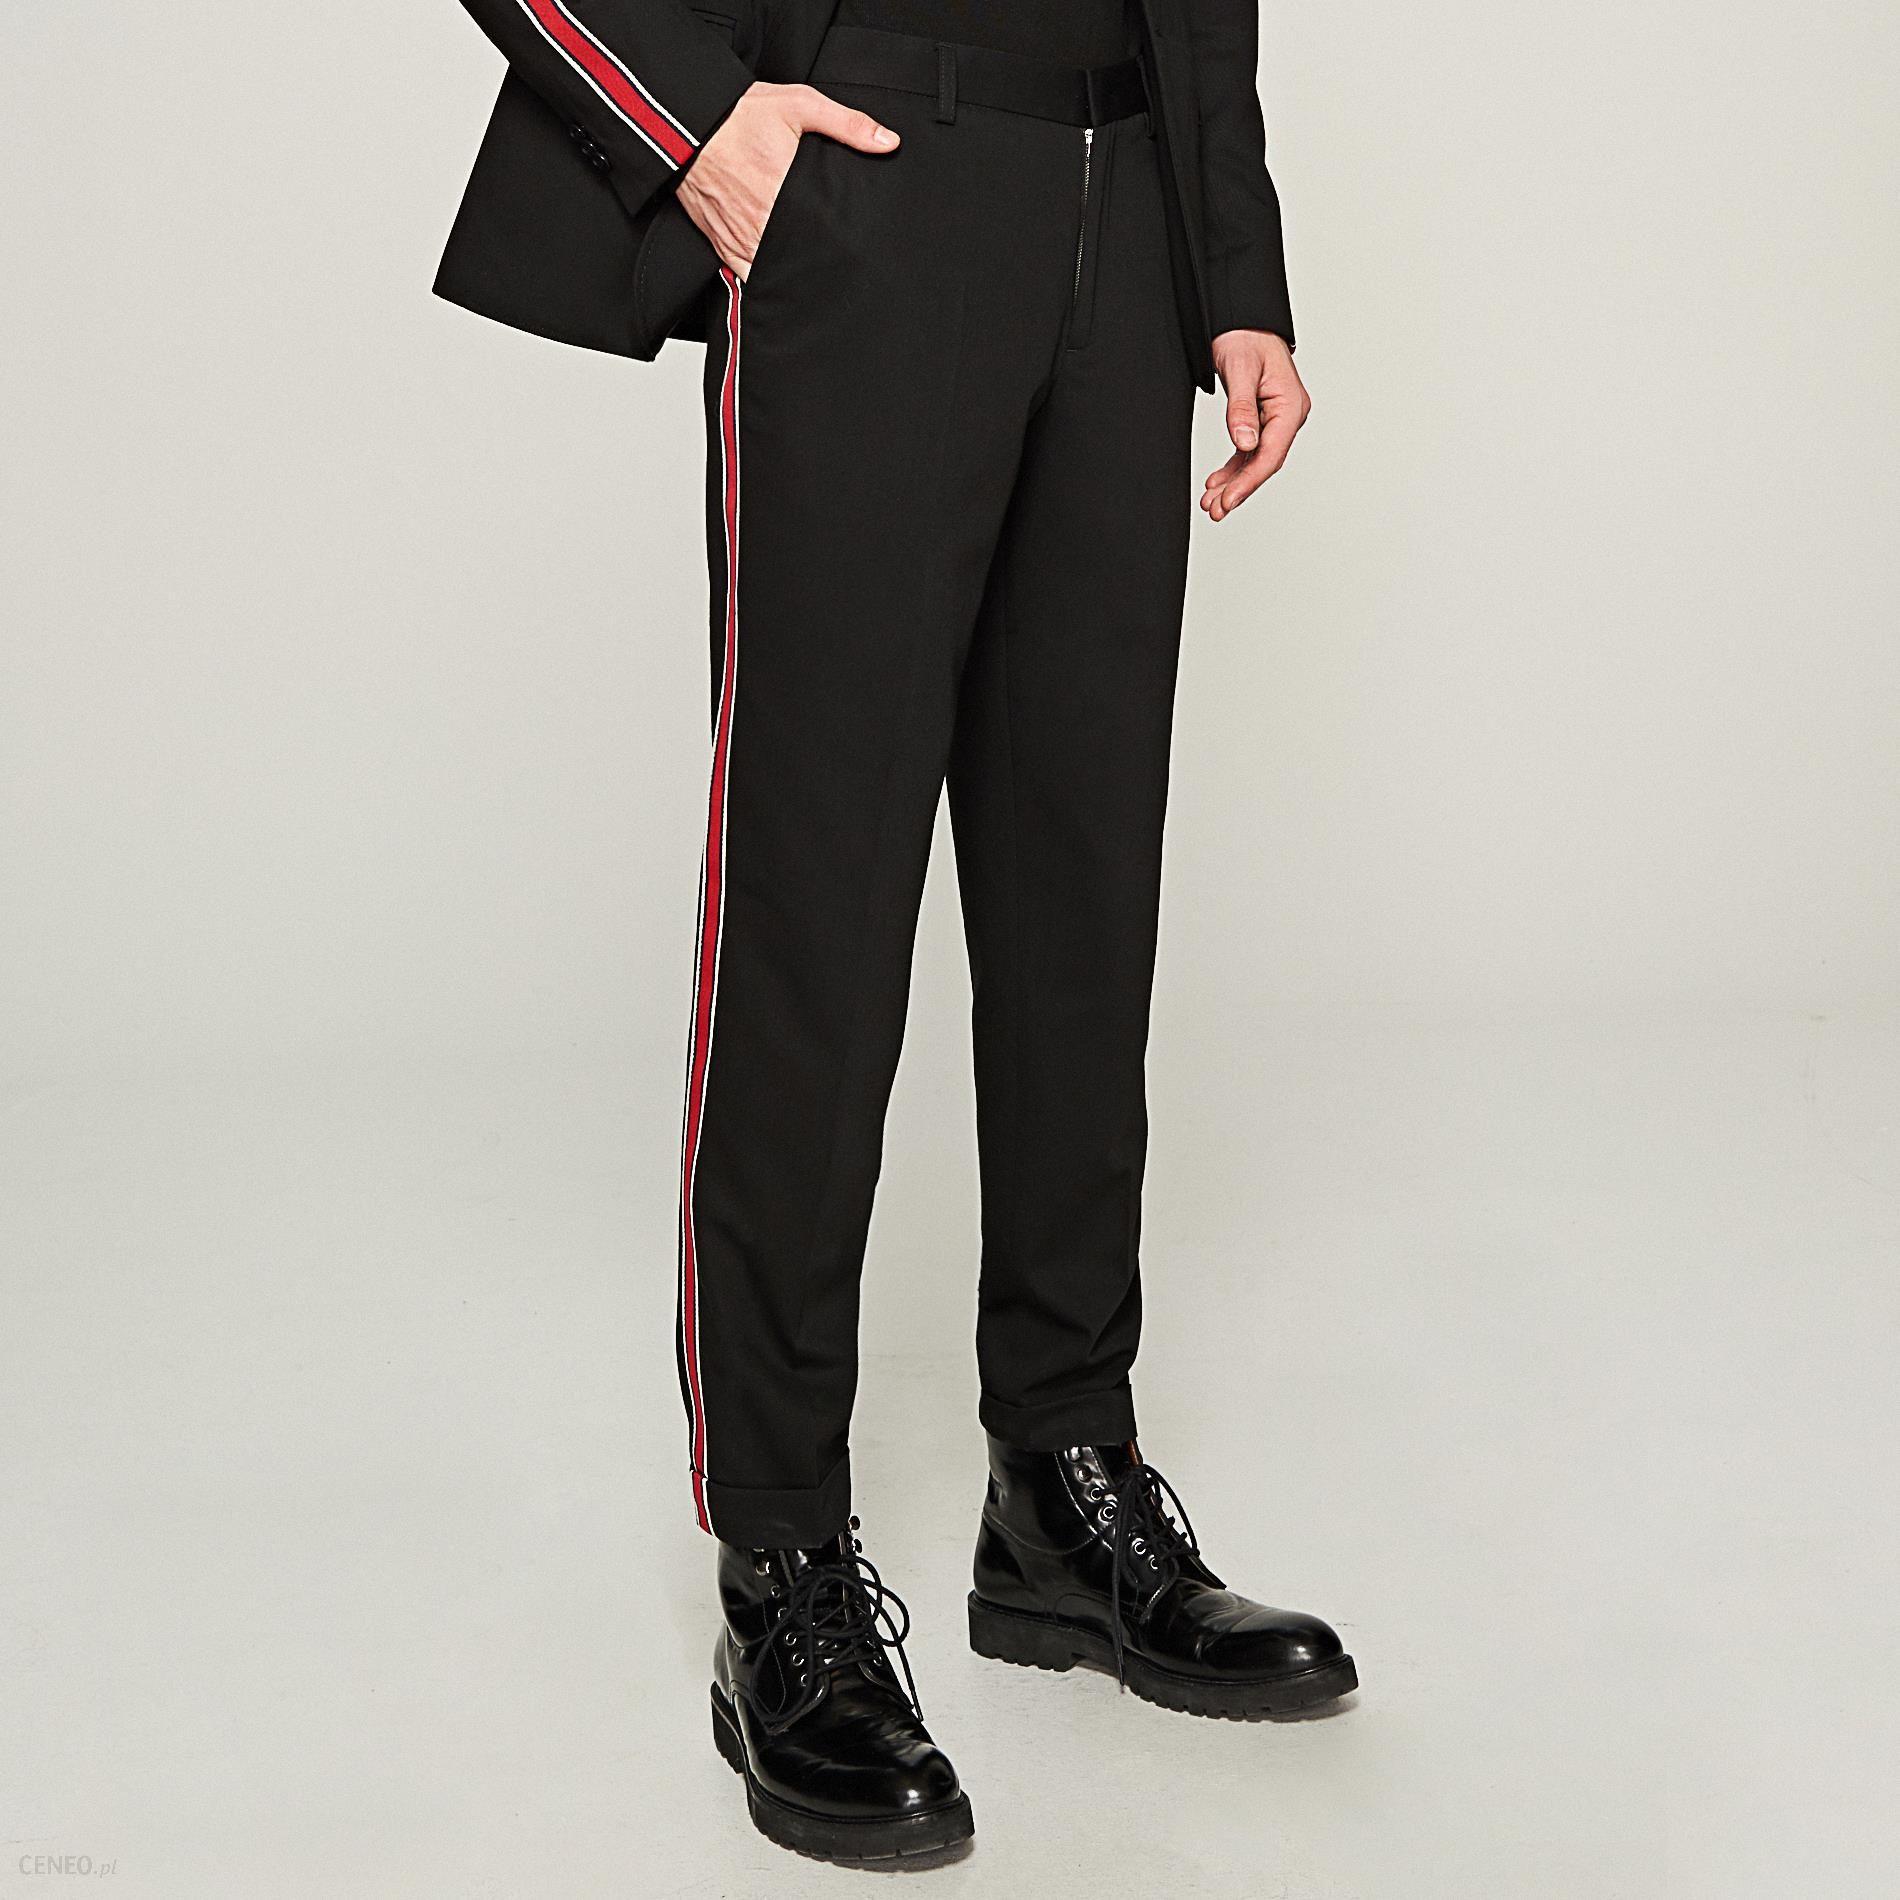 męskie modne spodnie z lampasami